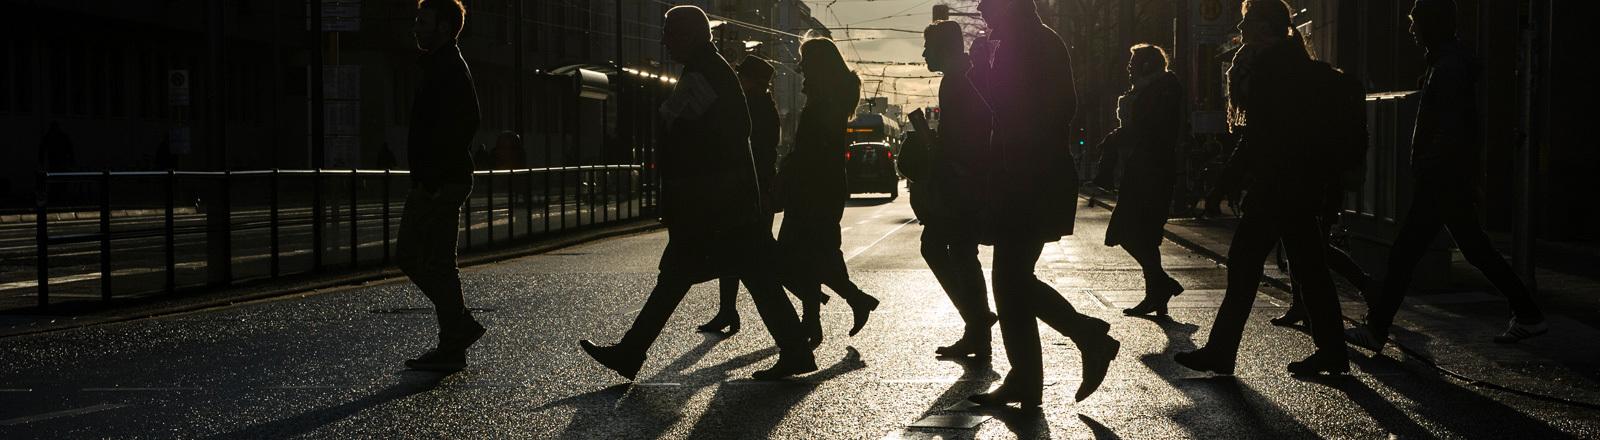 Fußgänger überqueren in Berlin im Gegenlicht der Sonne eine Straße (24.02.2016); Foto: dpa